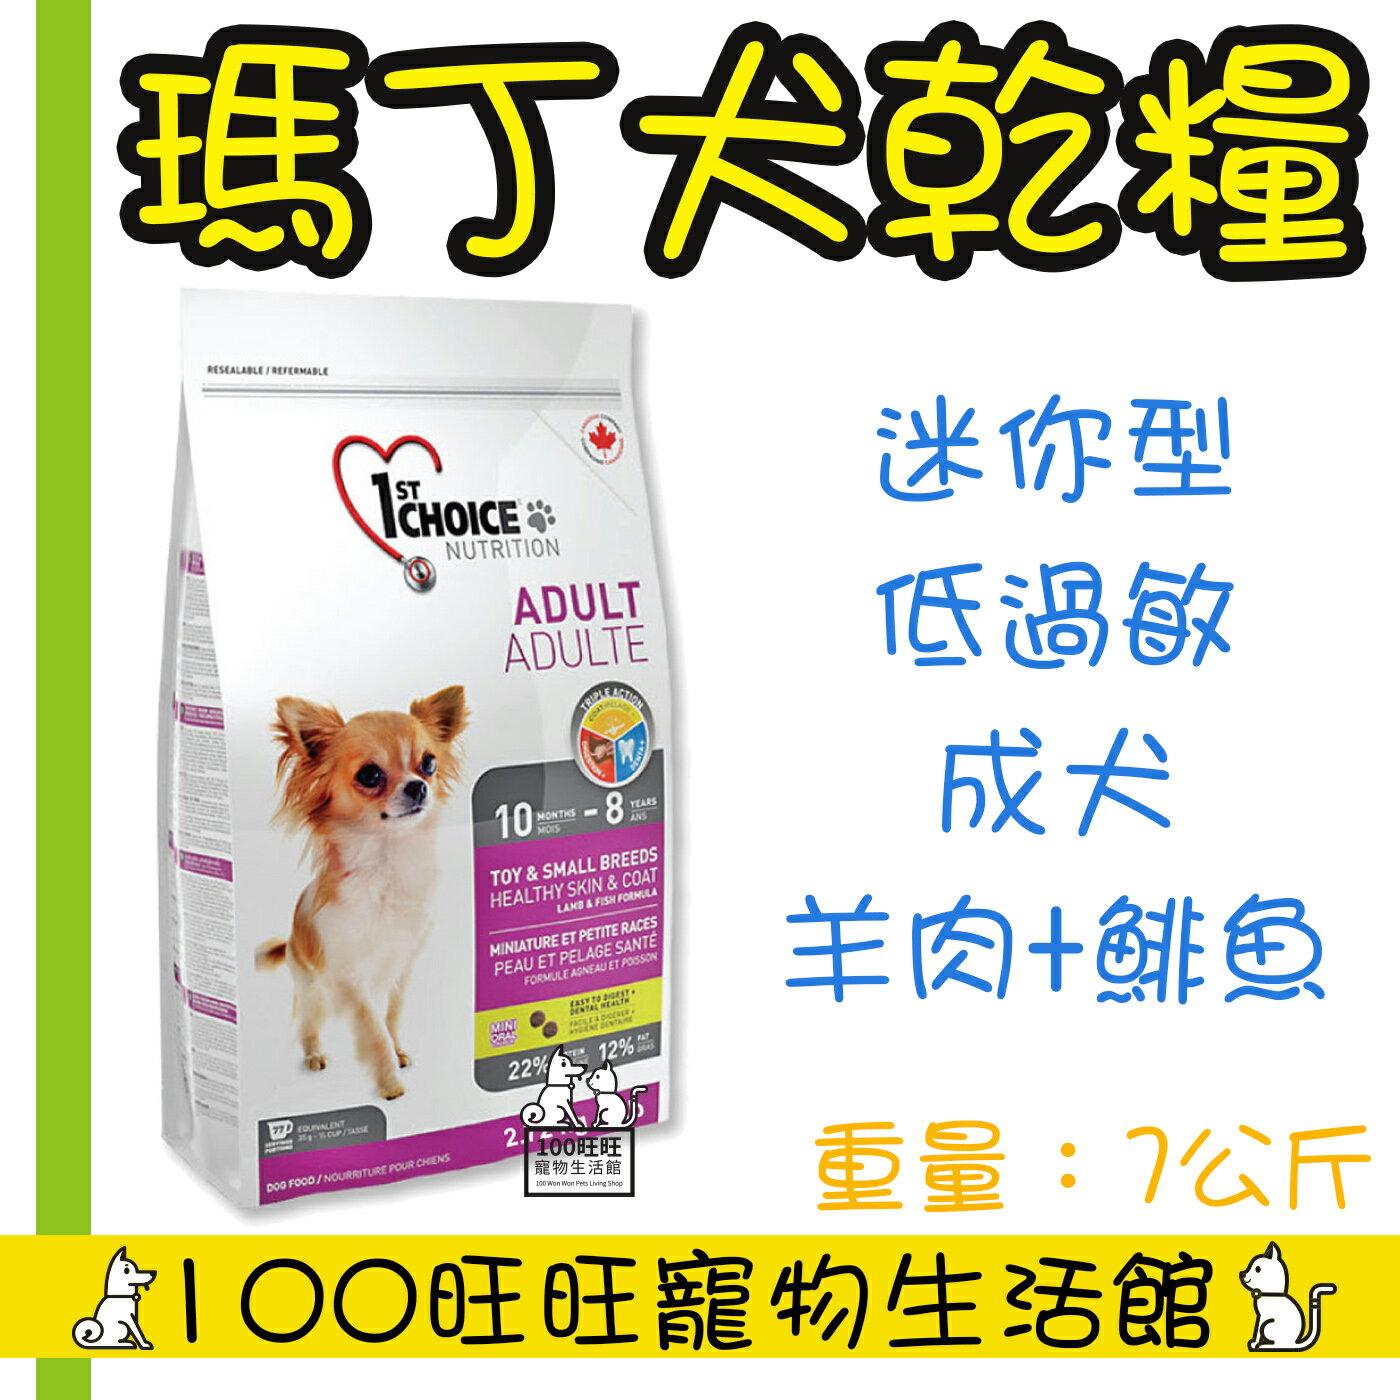 瑪丁 第一優鮮 迷你型低過敏配方 成犬 羊肉配方 羊肉+鯡魚 7KG 小顆粒 狗飼料 狗乾糧